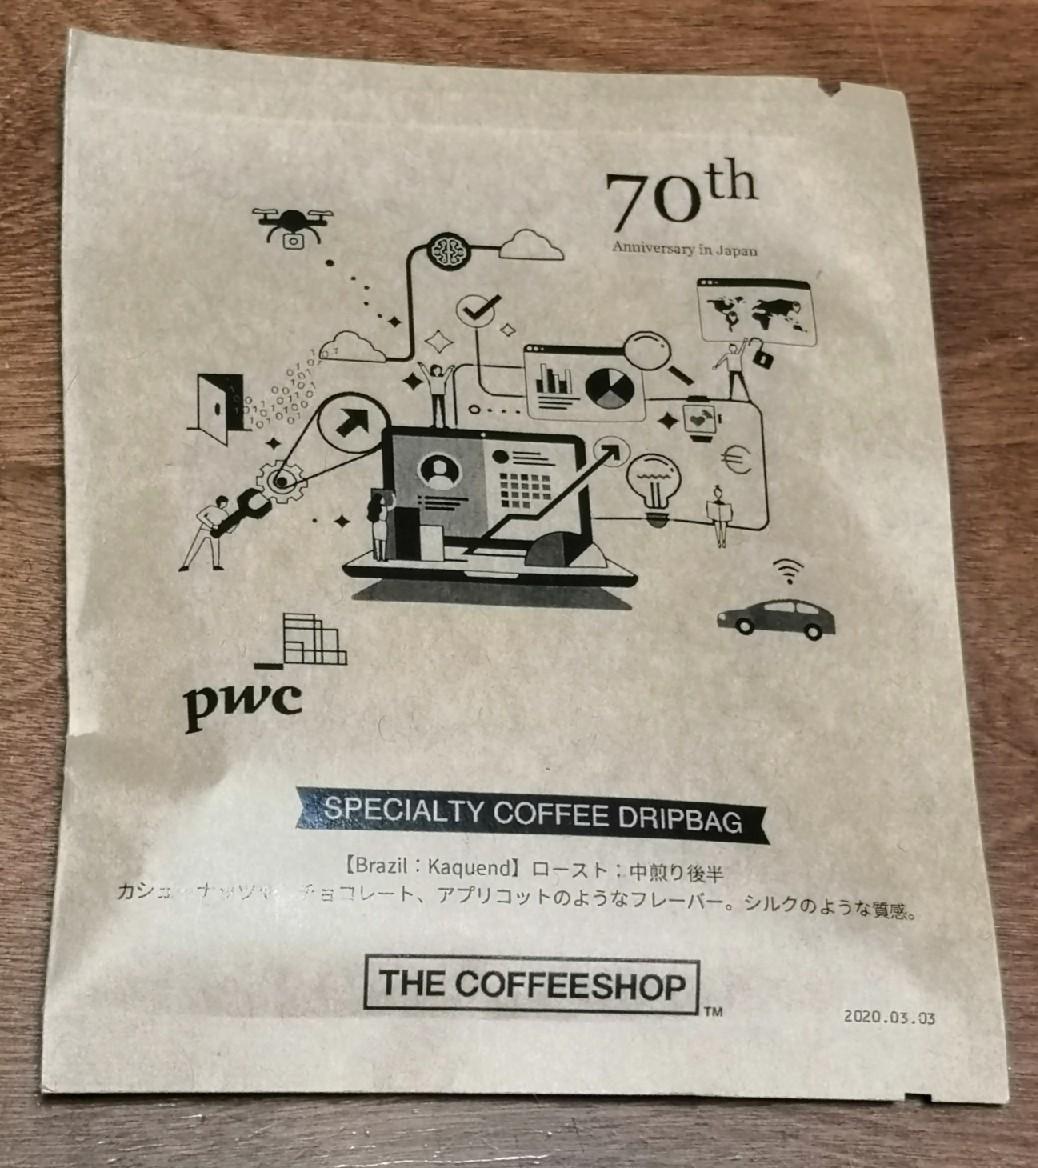 PwC 70周年記念コーヒーをいただきました~☆_a0004752_21344887.jpg